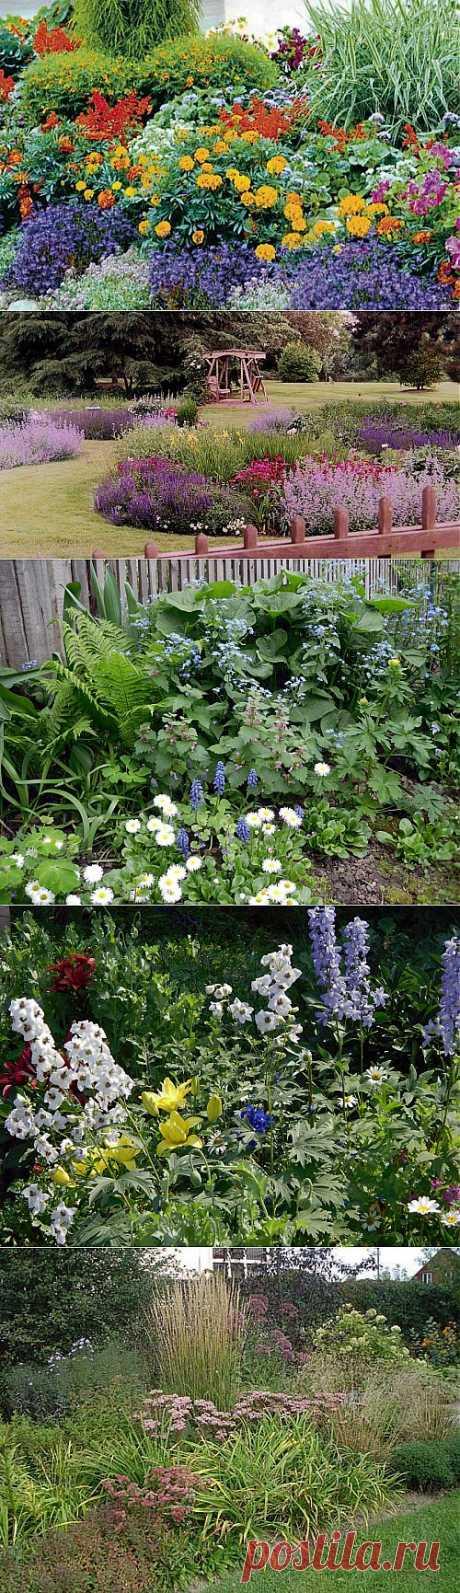 Клумбы непрерывного цветения: неувядающее украшение сада / Ландшафтный дизайн / 7dach.ru